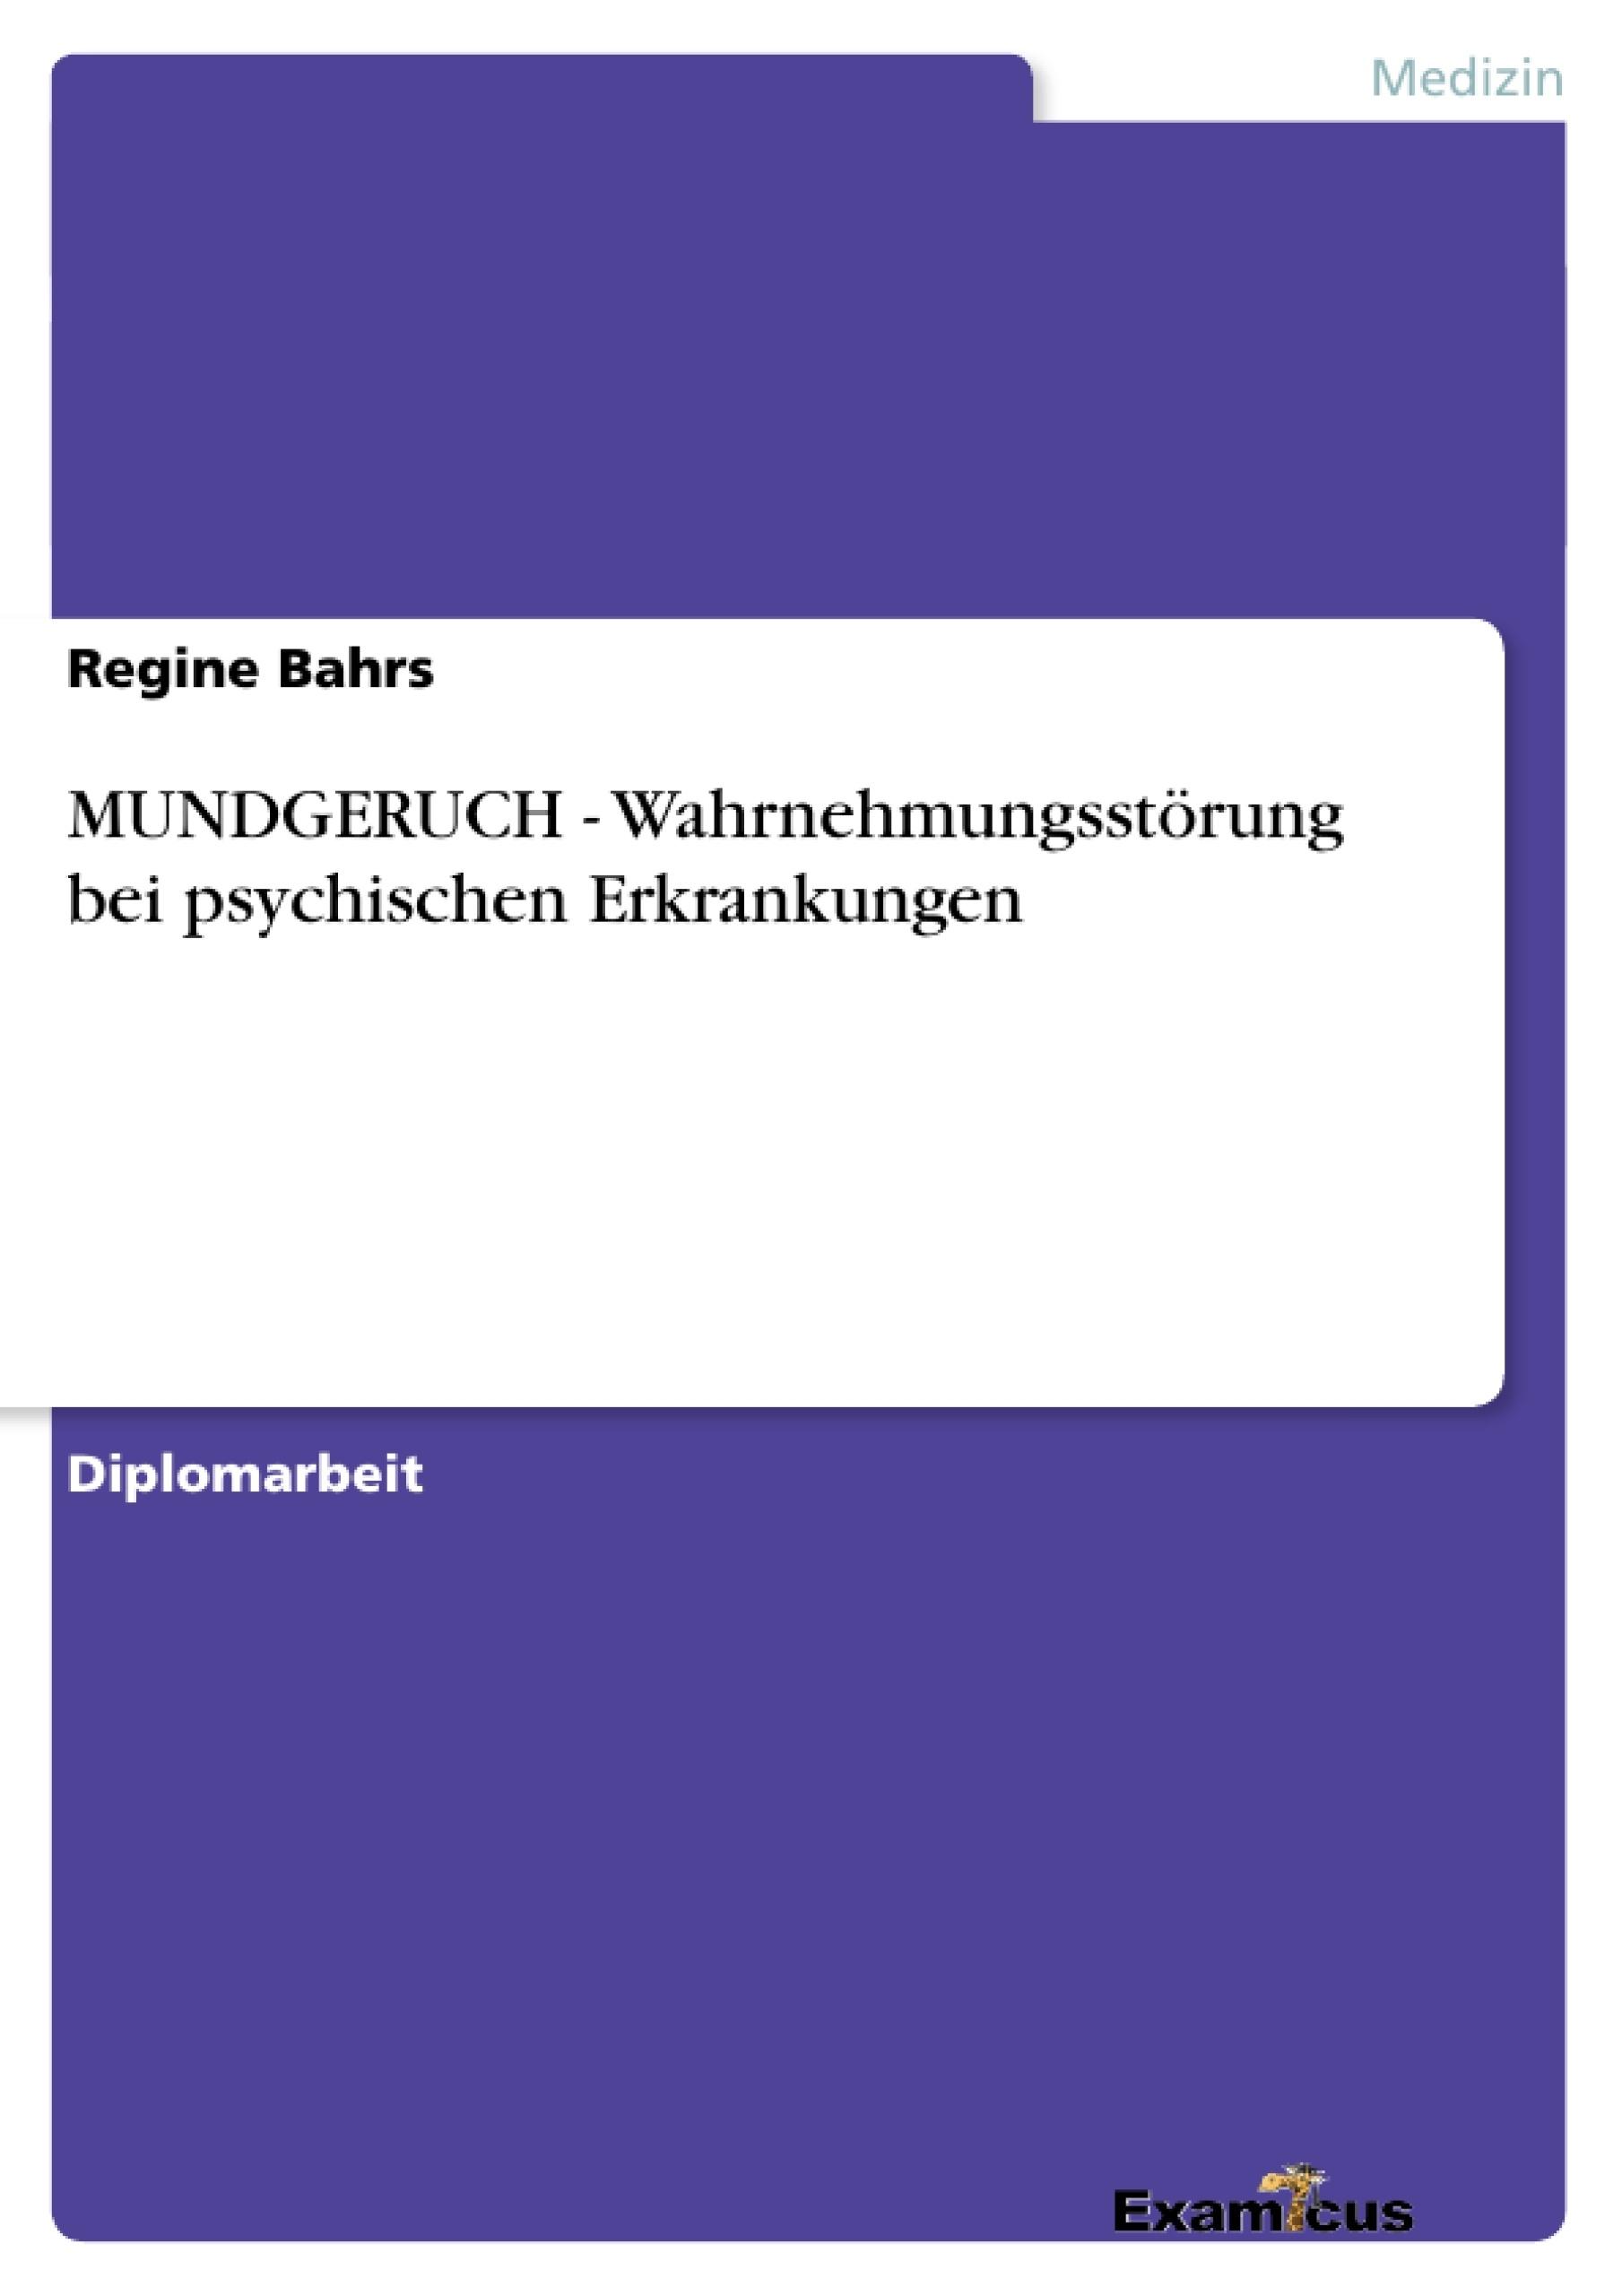 Titel: MUNDGERUCH - Wahrnehmungsstörung bei psychischen Erkrankungen